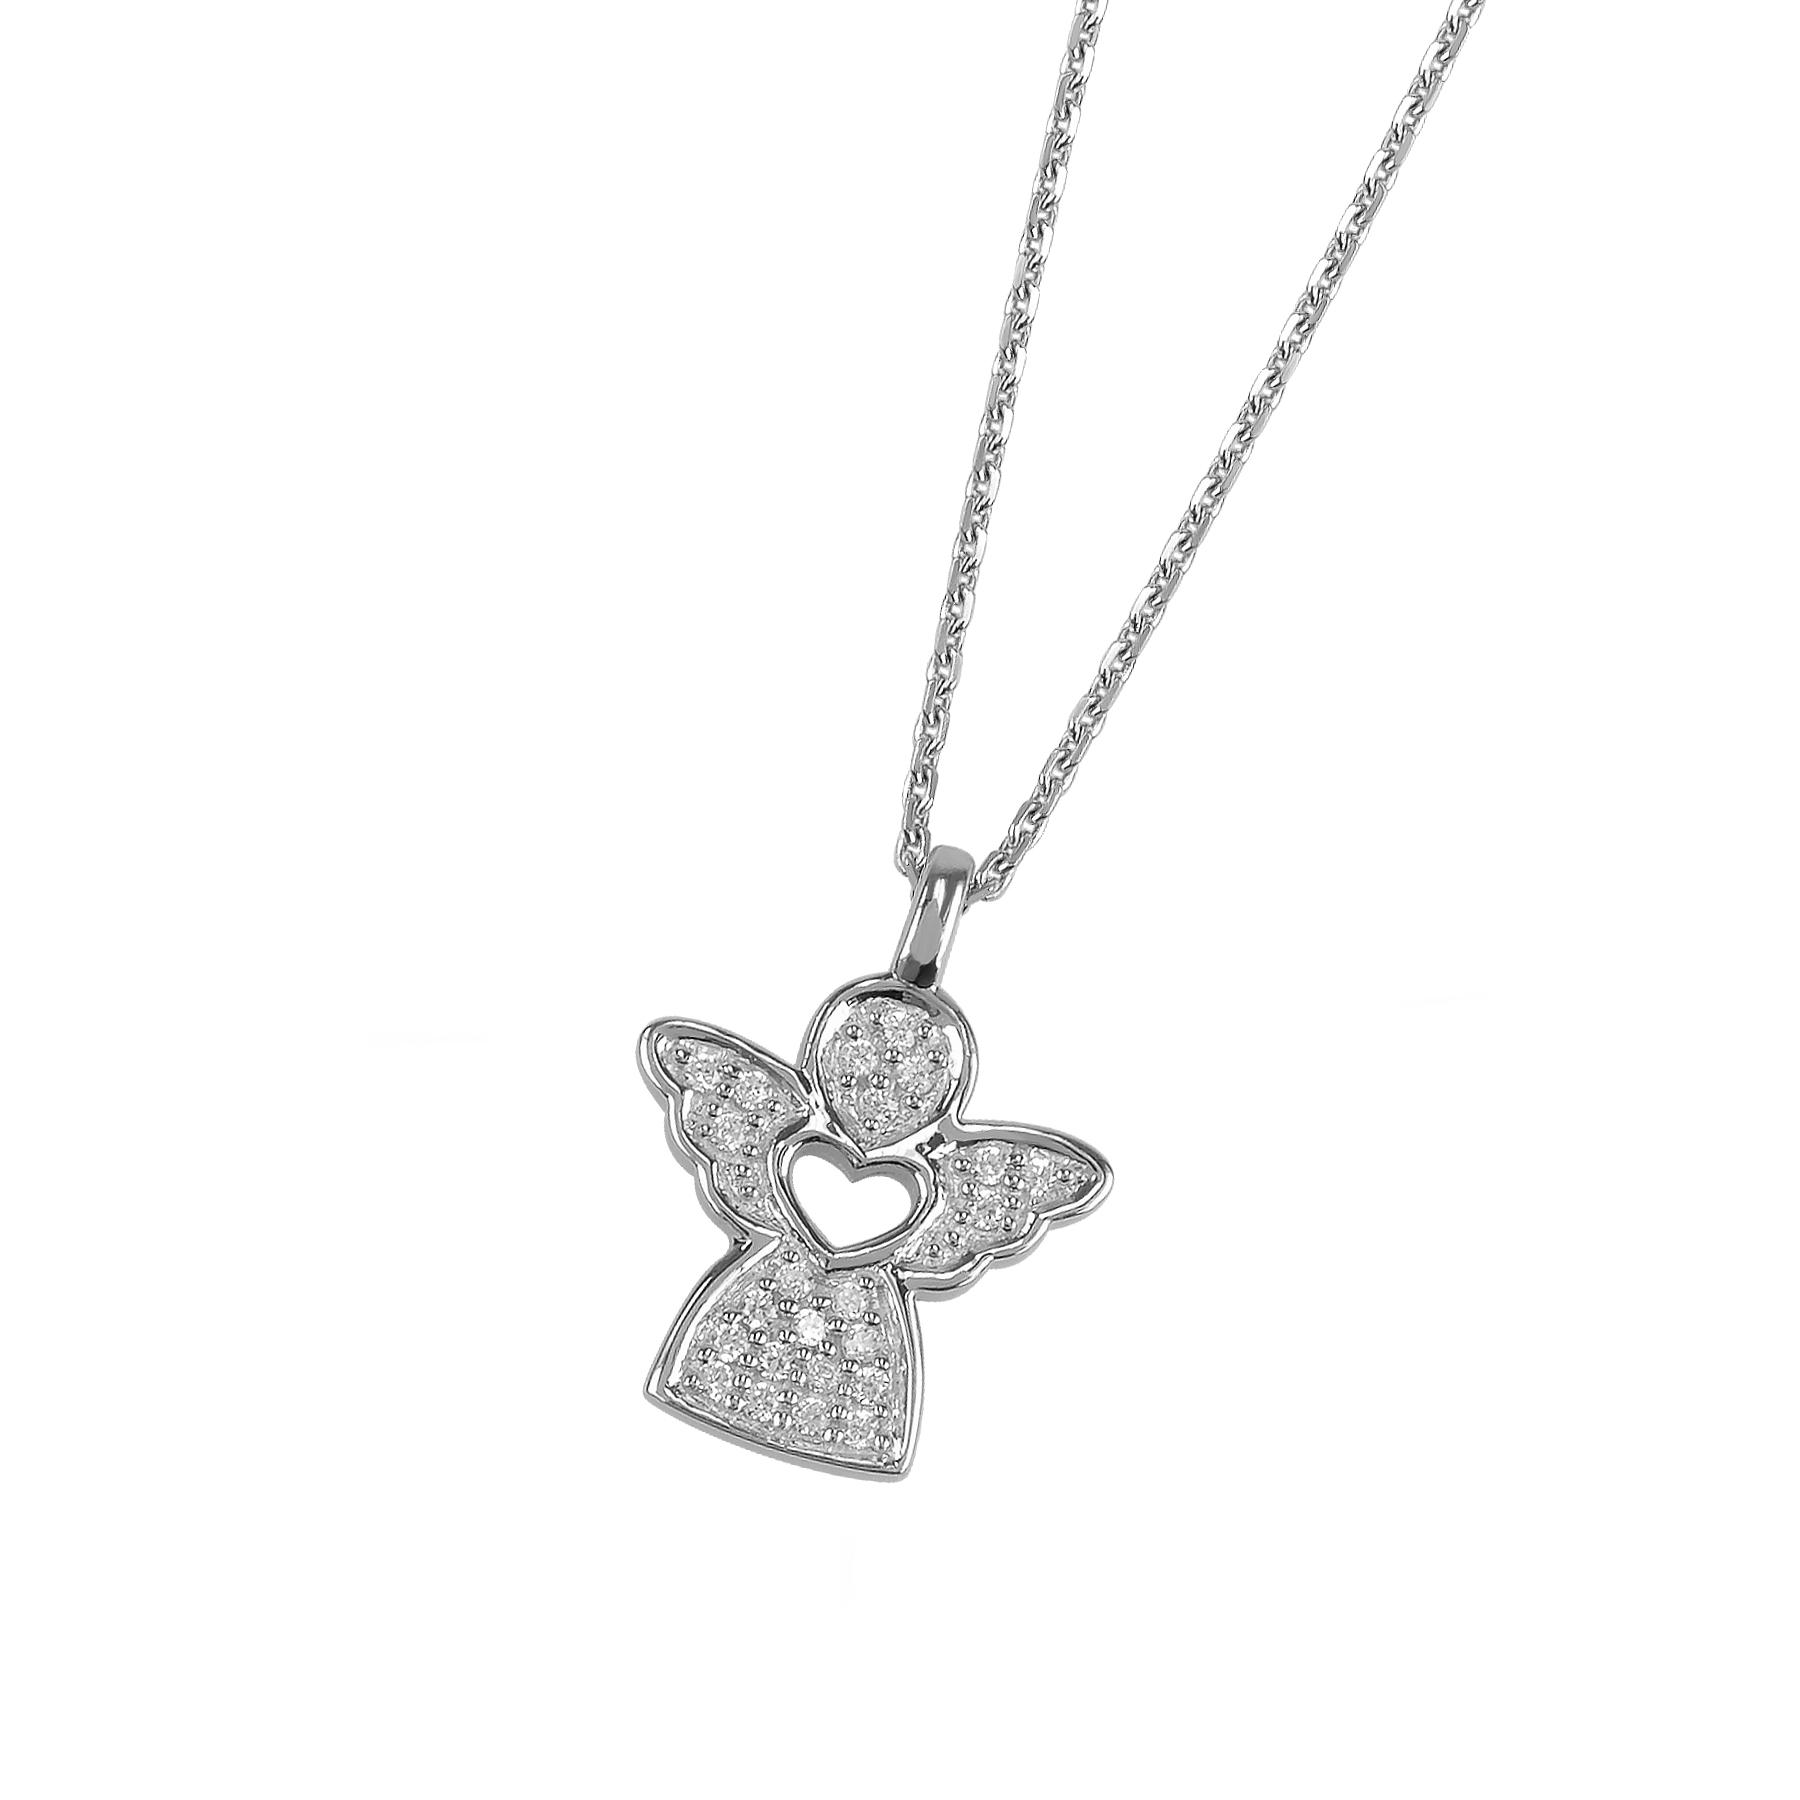 Damen Collier Engel 925 Silber rhodiniert